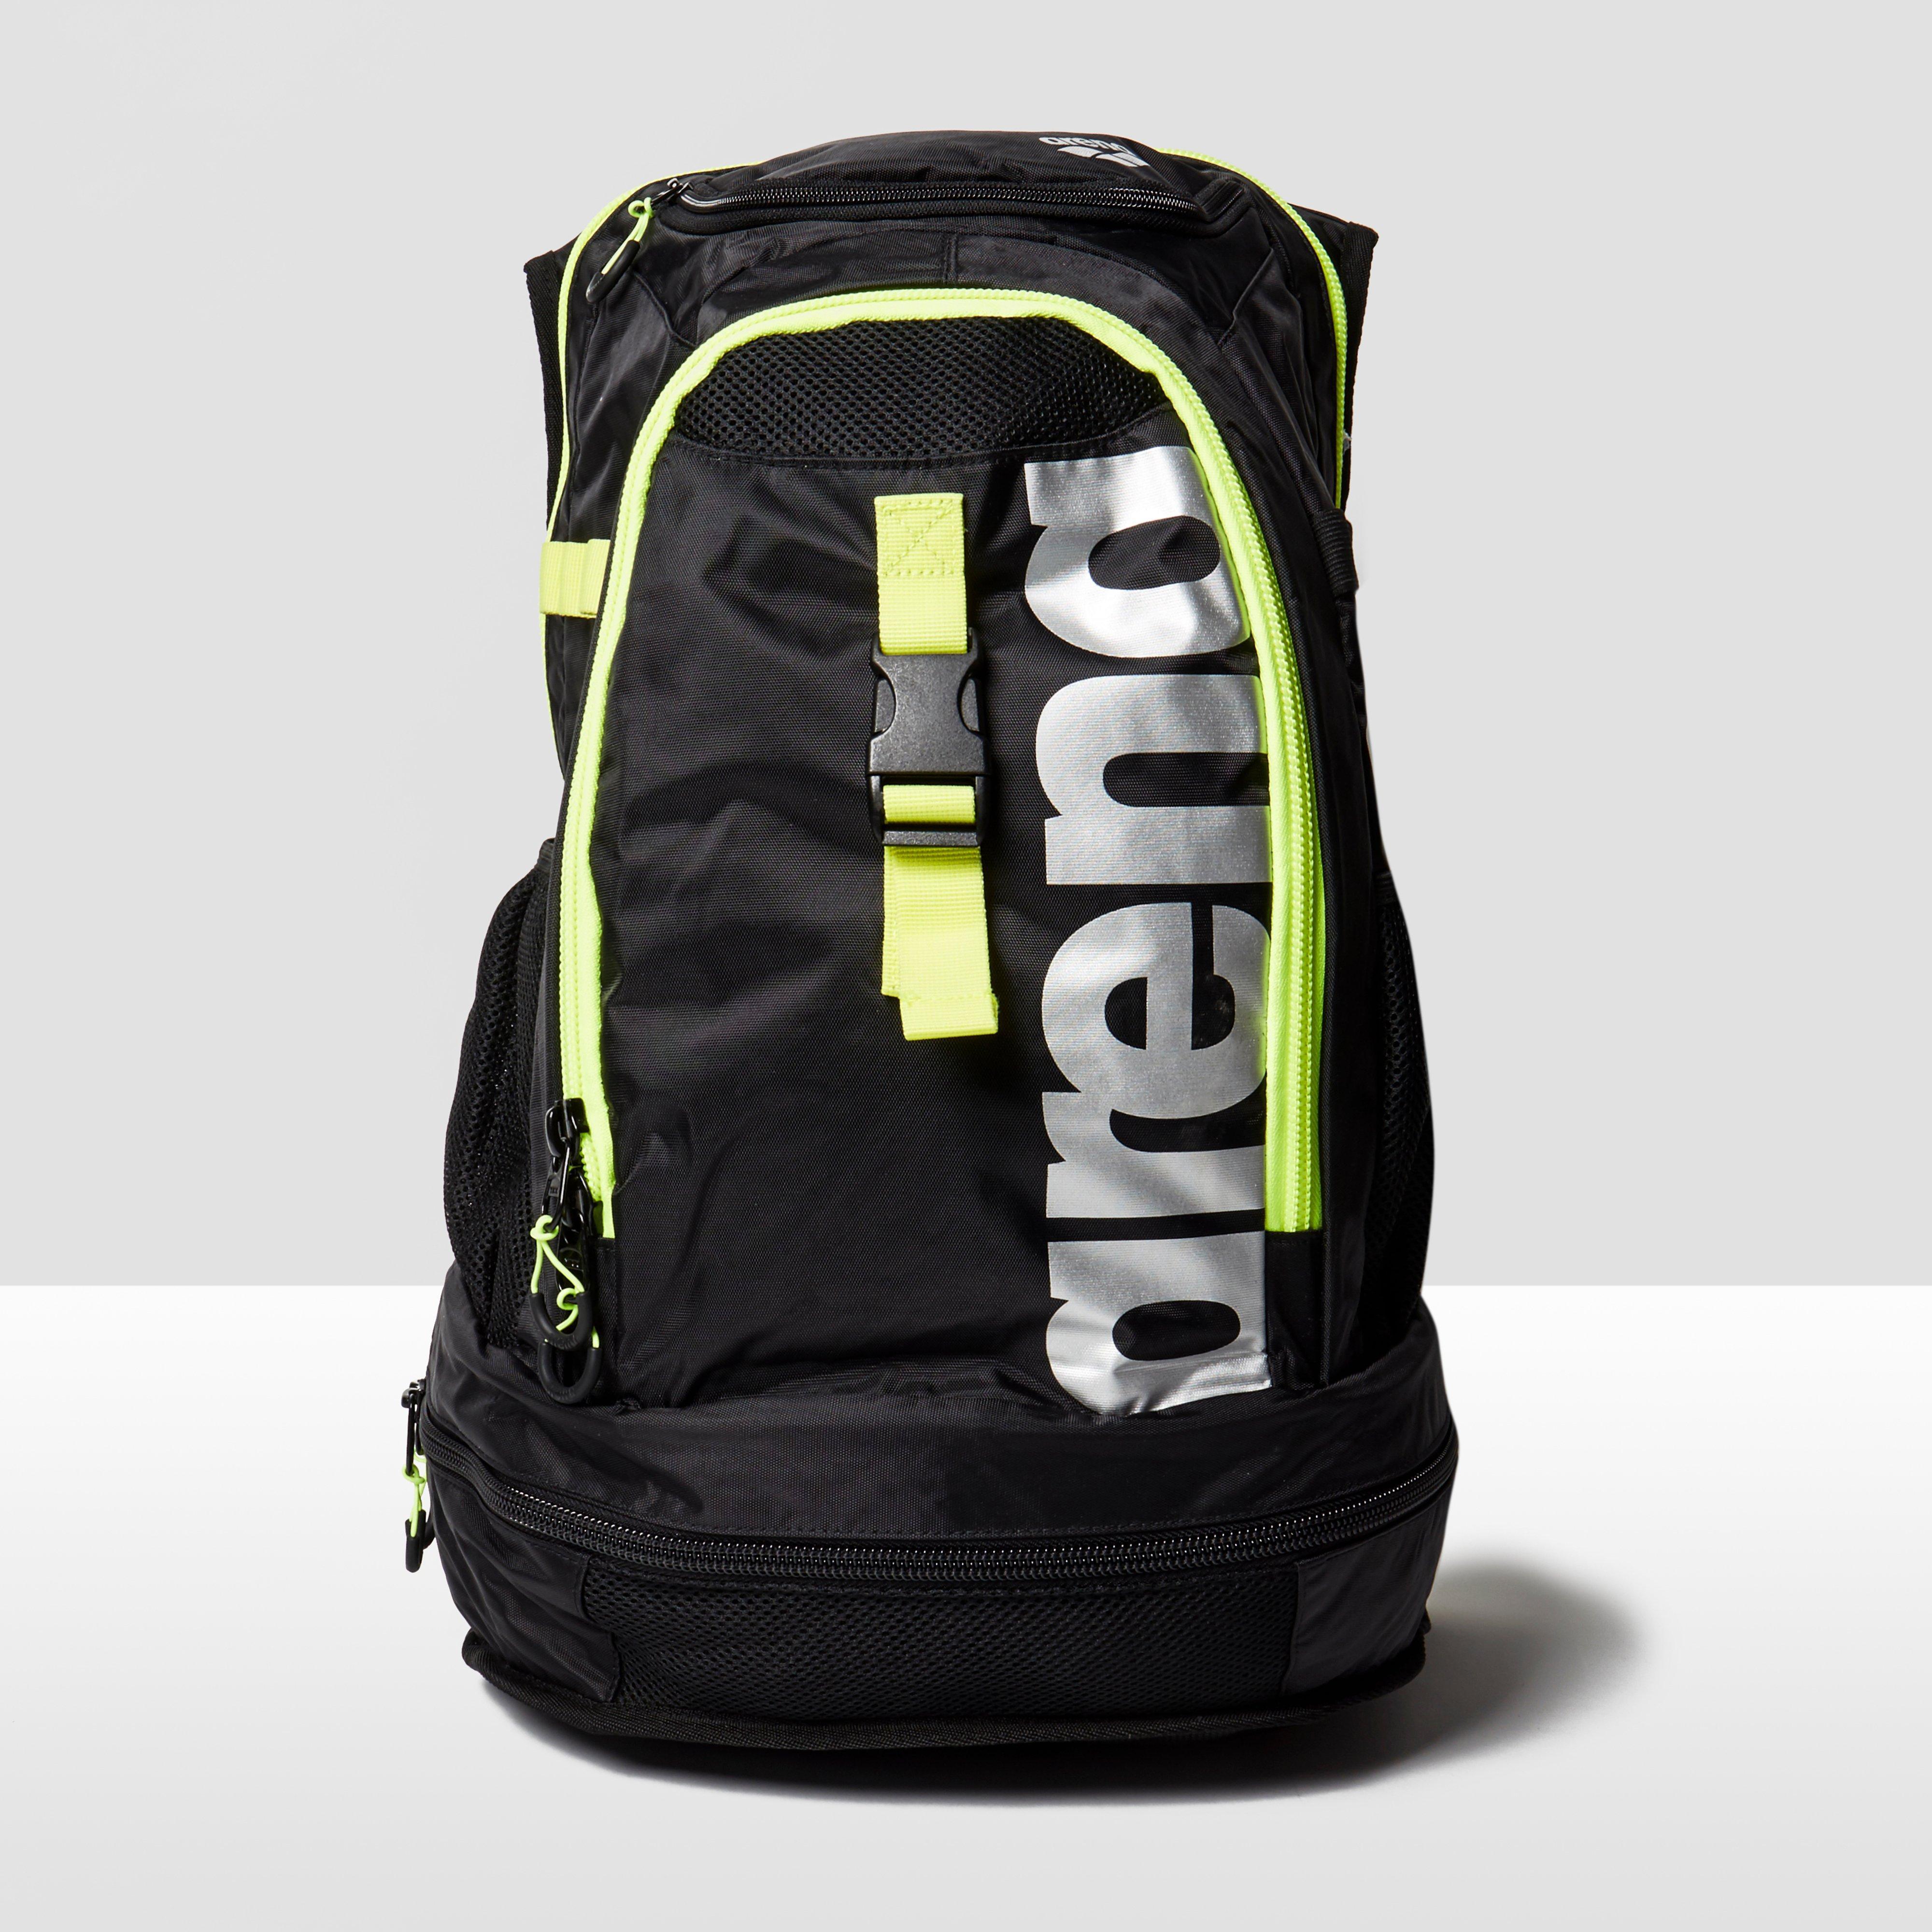 d7e35f736d61 Arena Fastpack 2.1 Backpack 3468335394565